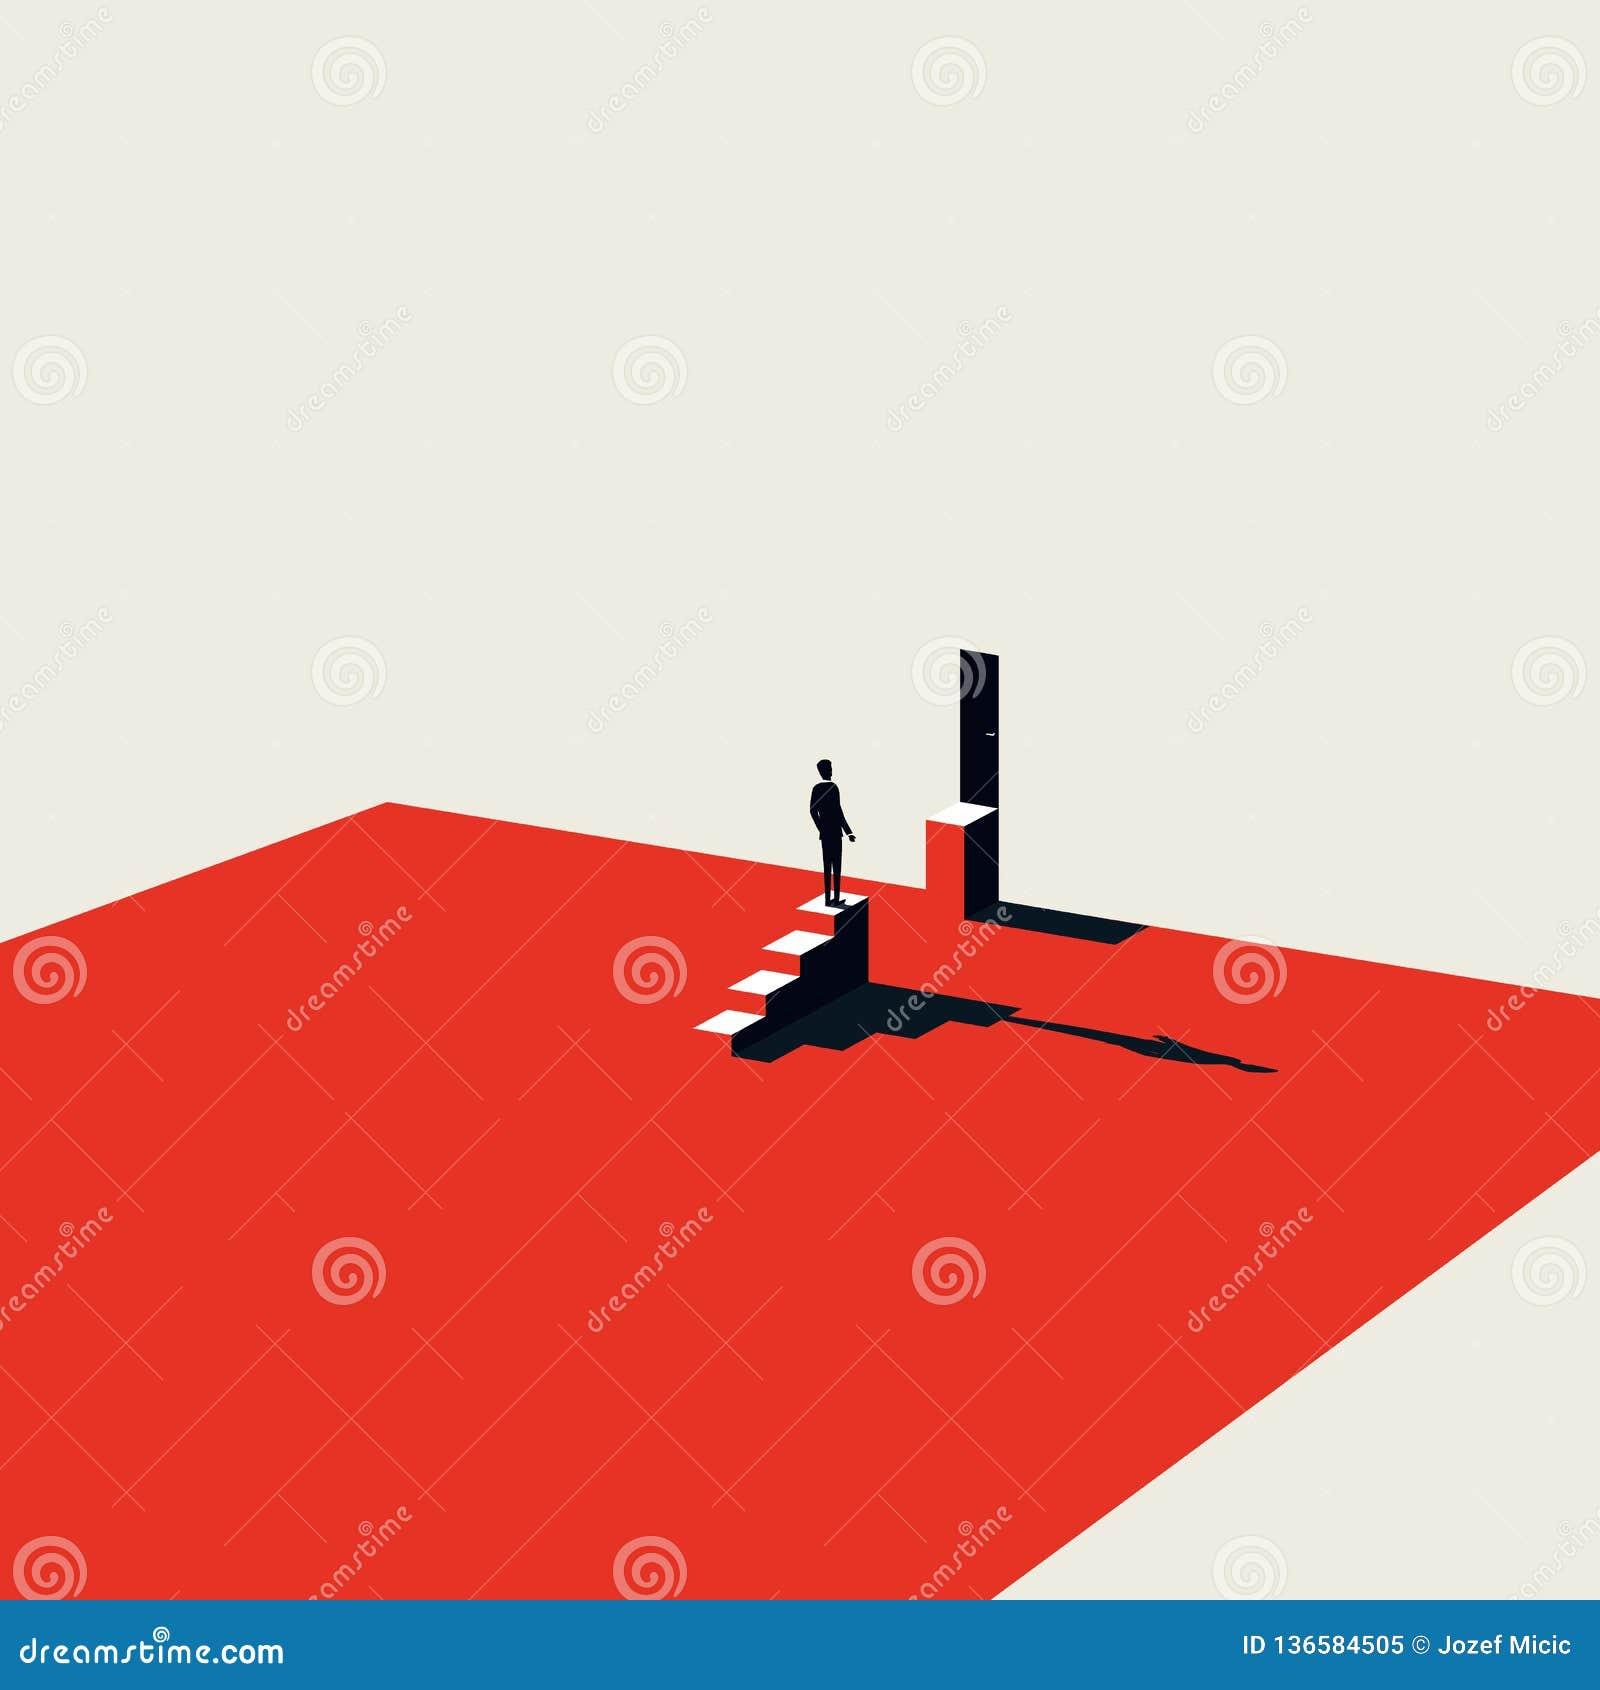 Bedrijfsuitdaging en het overwinnen van vectorconcept in minimalistische kunststijl Symbool van motivatie, ambitie en succes